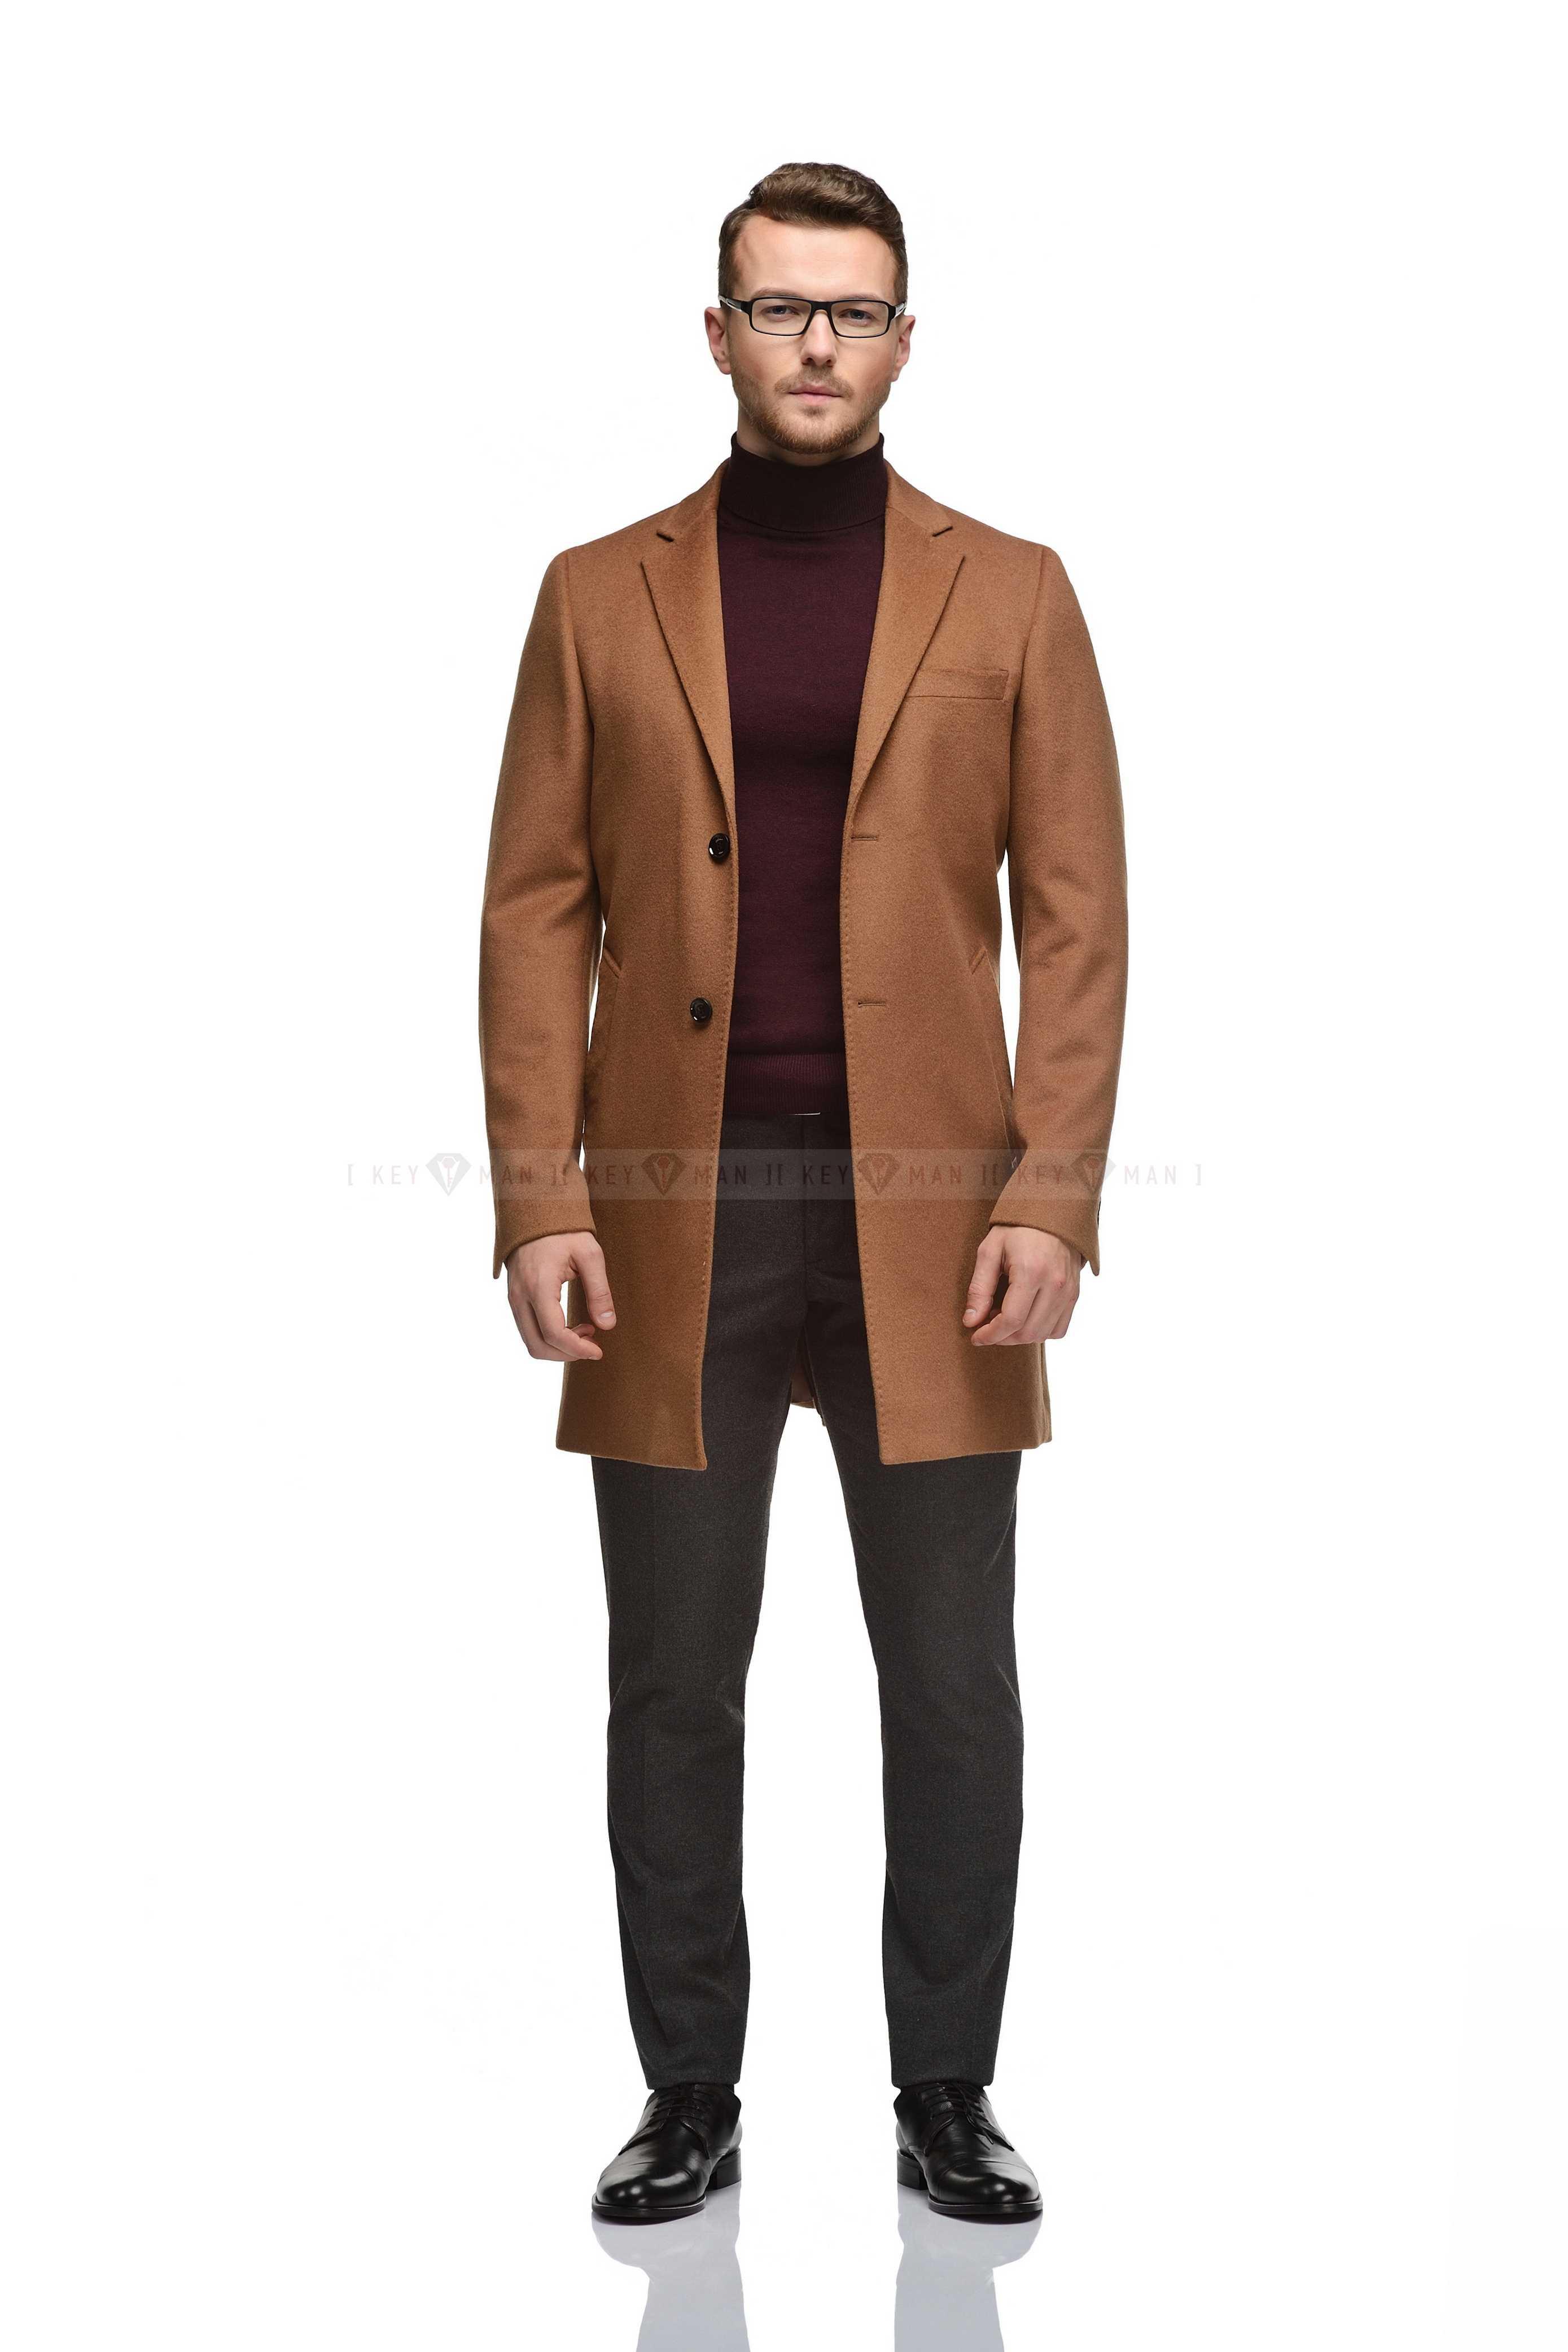 Пальто мужское рыжее (цвет camel), приталенное, демисезонное